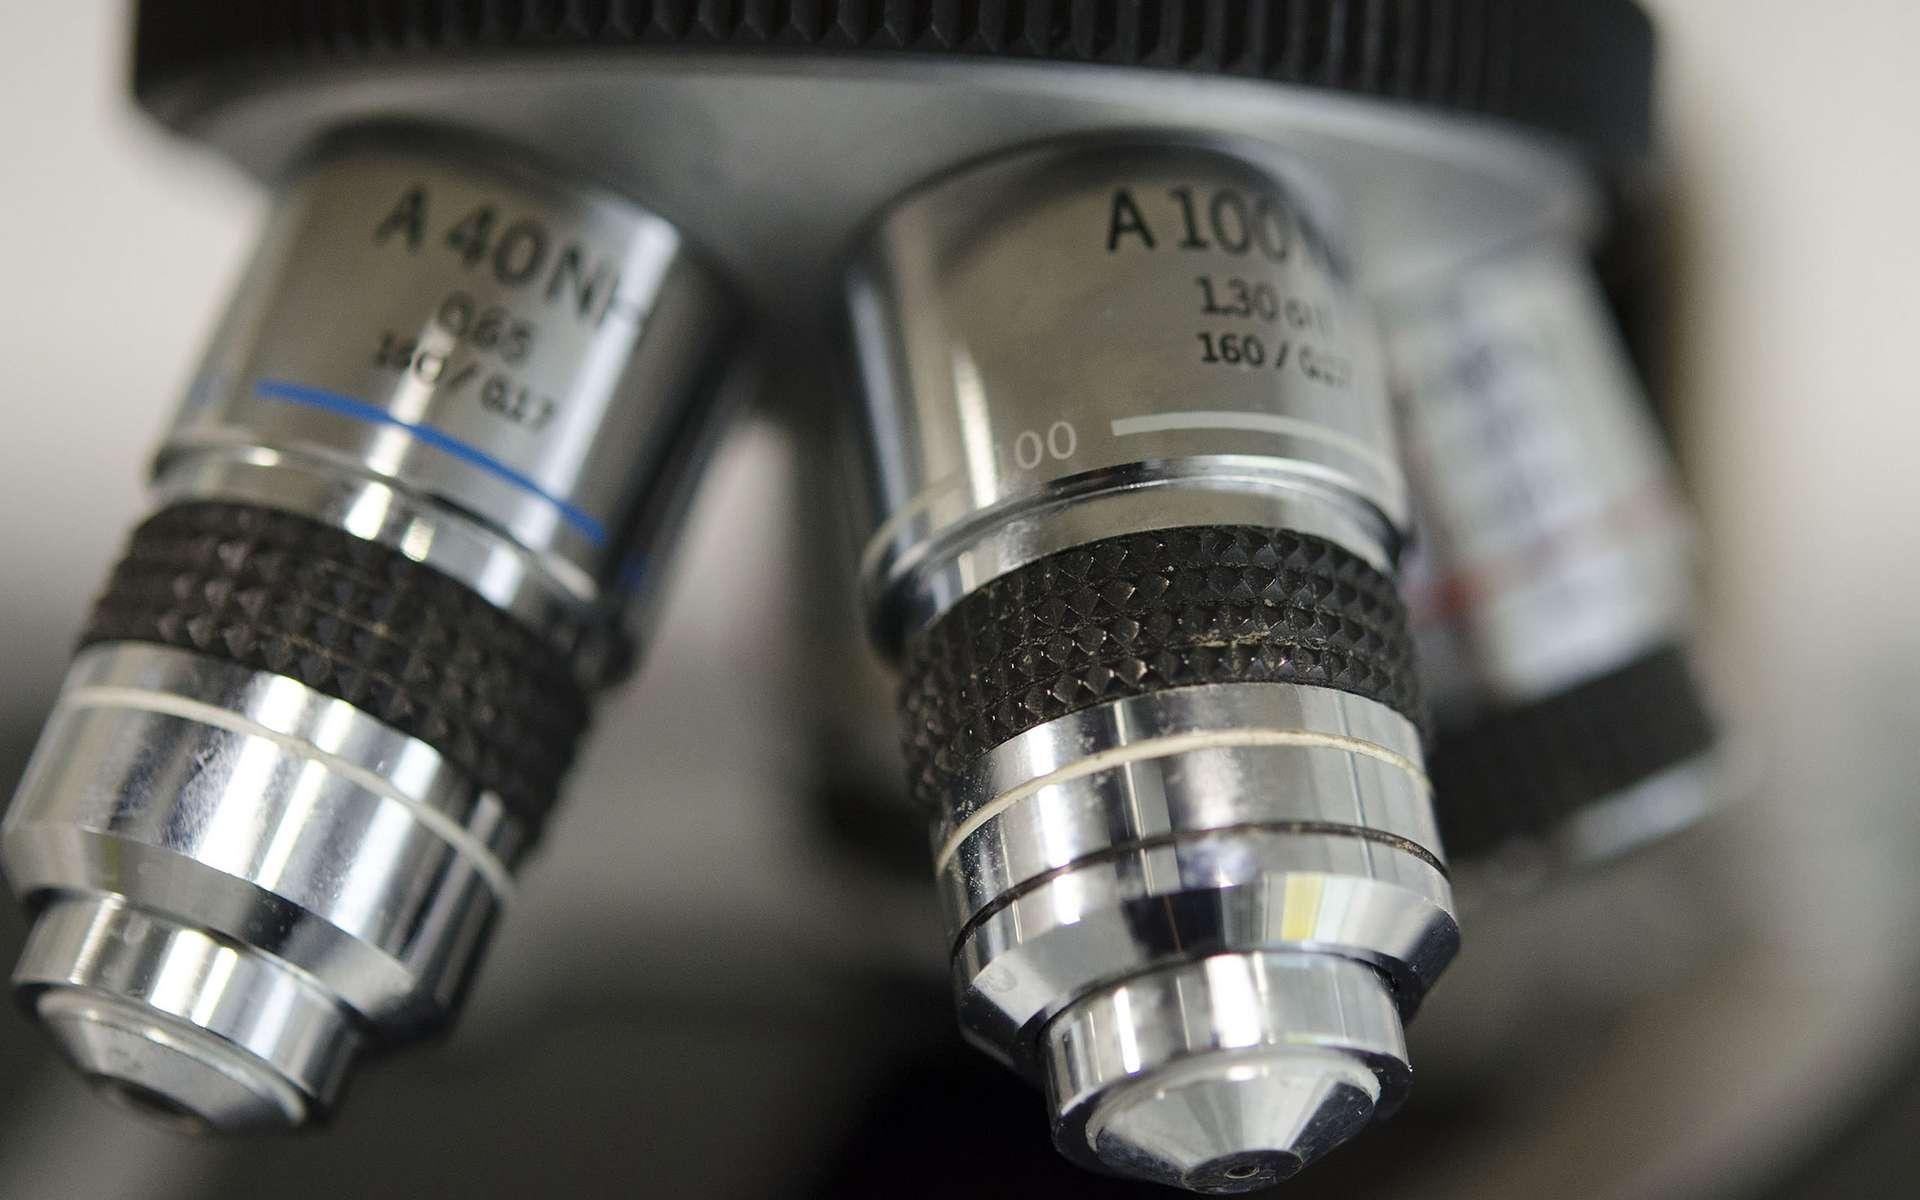 Grâce aux métamatériaux, les chercheurs peuvent concevoir des superlentilles, capables de distinguer des détails largement inférieurs à la longueur d'onde de base de l'instrument utilisé. © University of Liverpool Faculty of Health & Life Sciences, Flickr, CC by 2.0